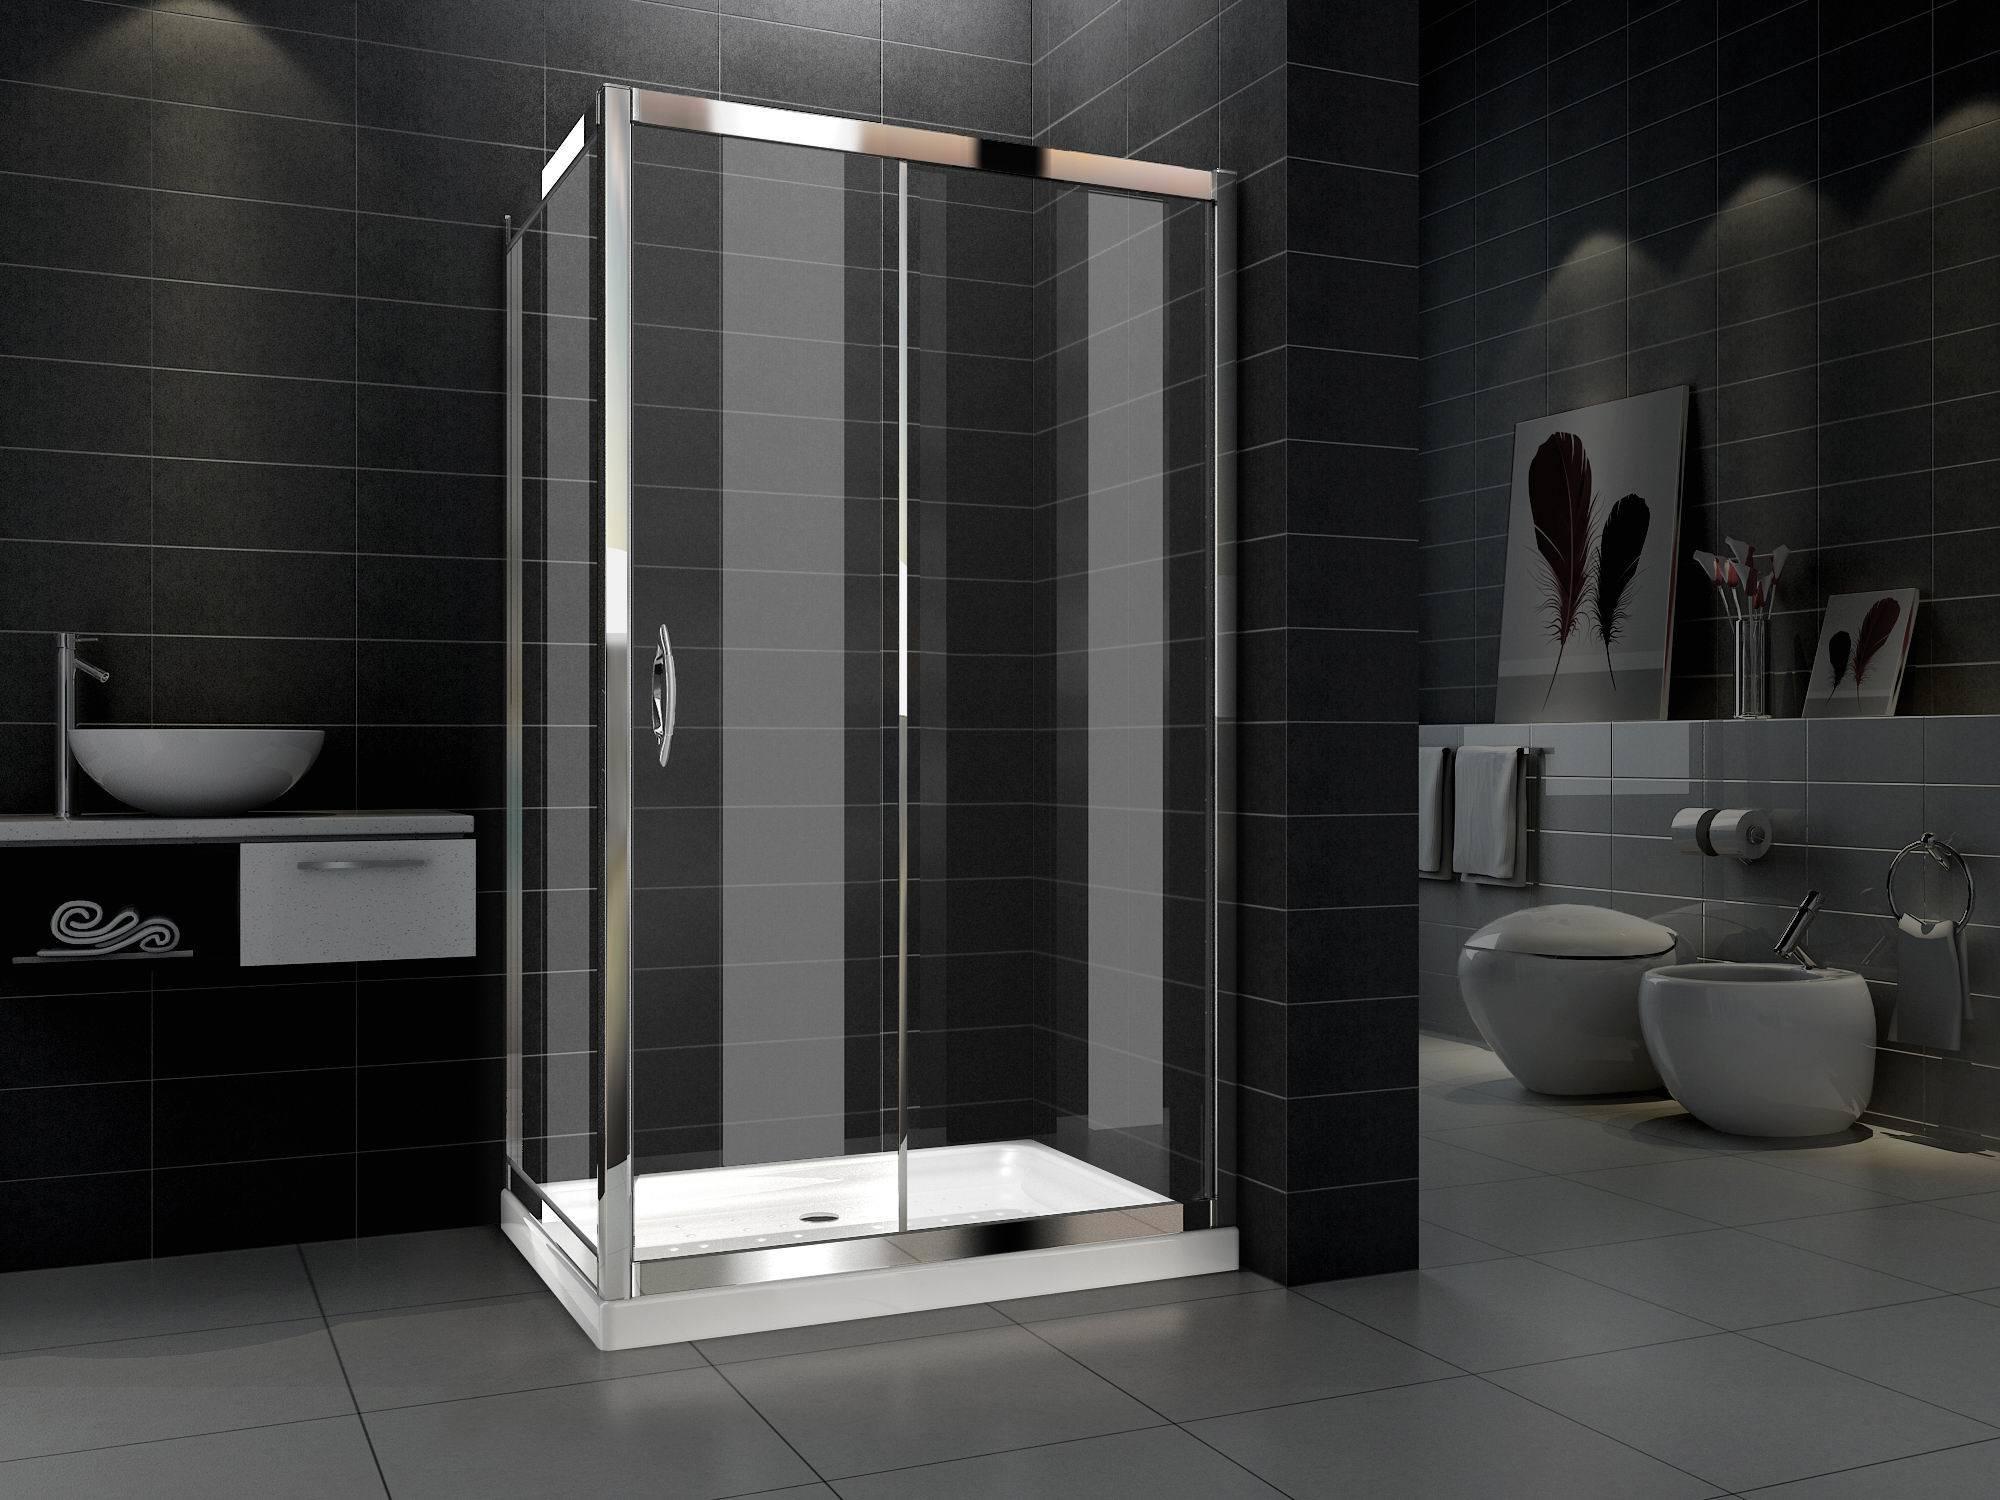 Full Size of Einfaches Sauberes Glas Dusche Raum Gehuse Bluetooth Lautsprecher Schiebetür Unterputz Armatur Rainshower Ebenerdige Nachträglich Einbauen Begehbare Ohne Dusche Schiebetür Dusche